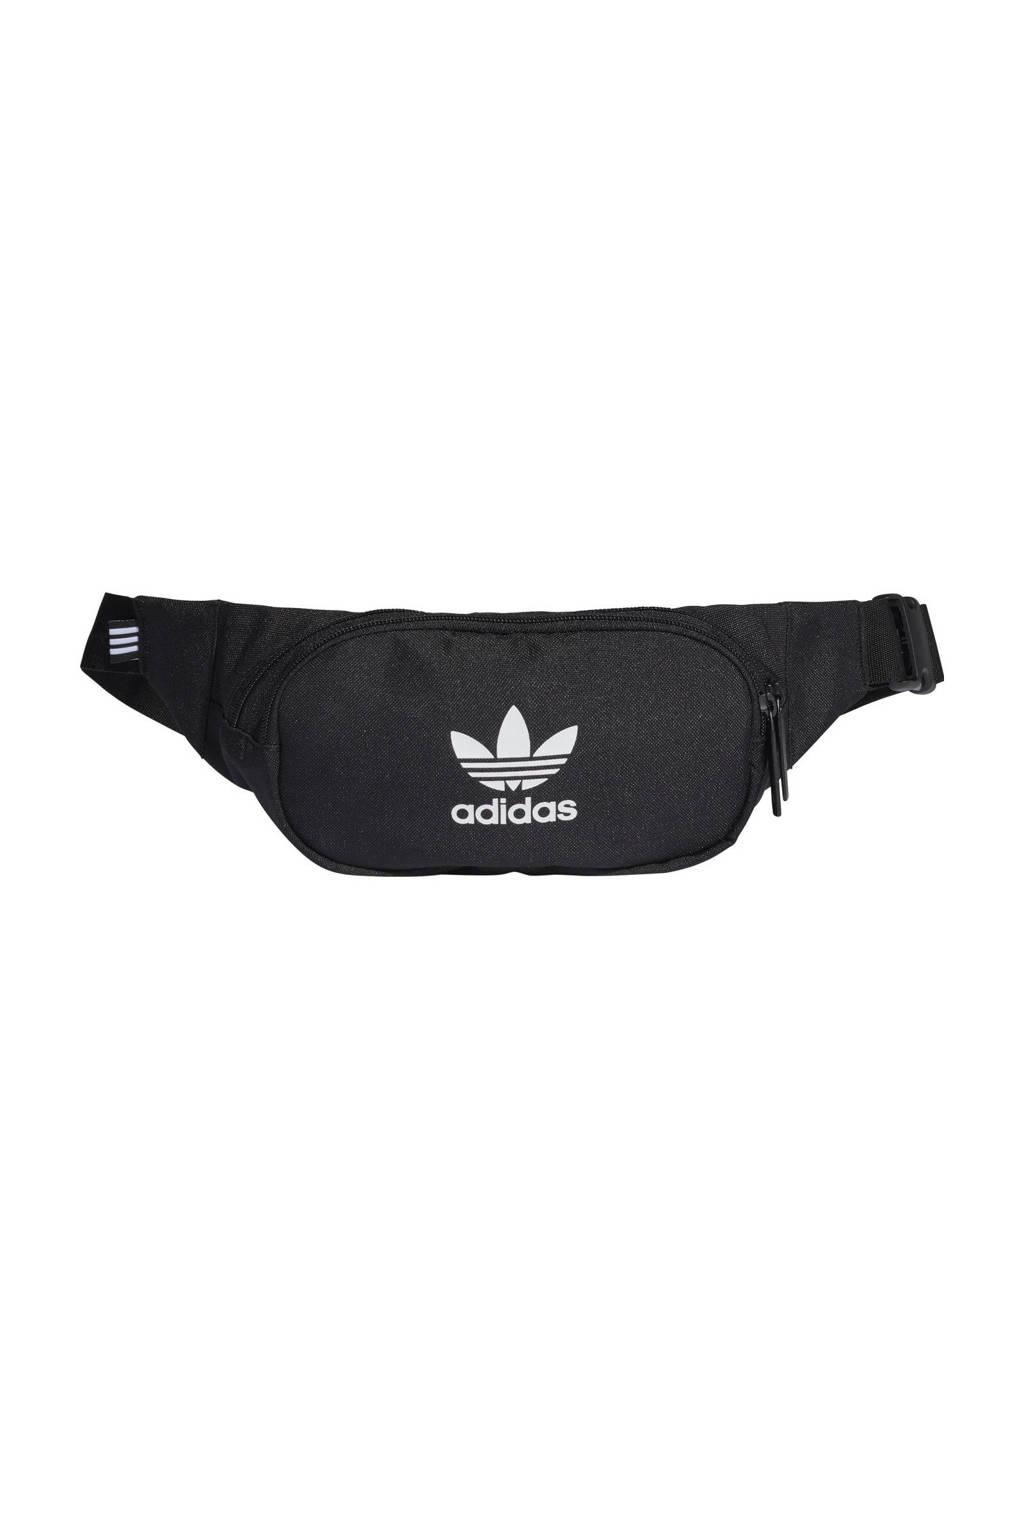 adidas Originals   Adicolor heuptas zwart, Zwart